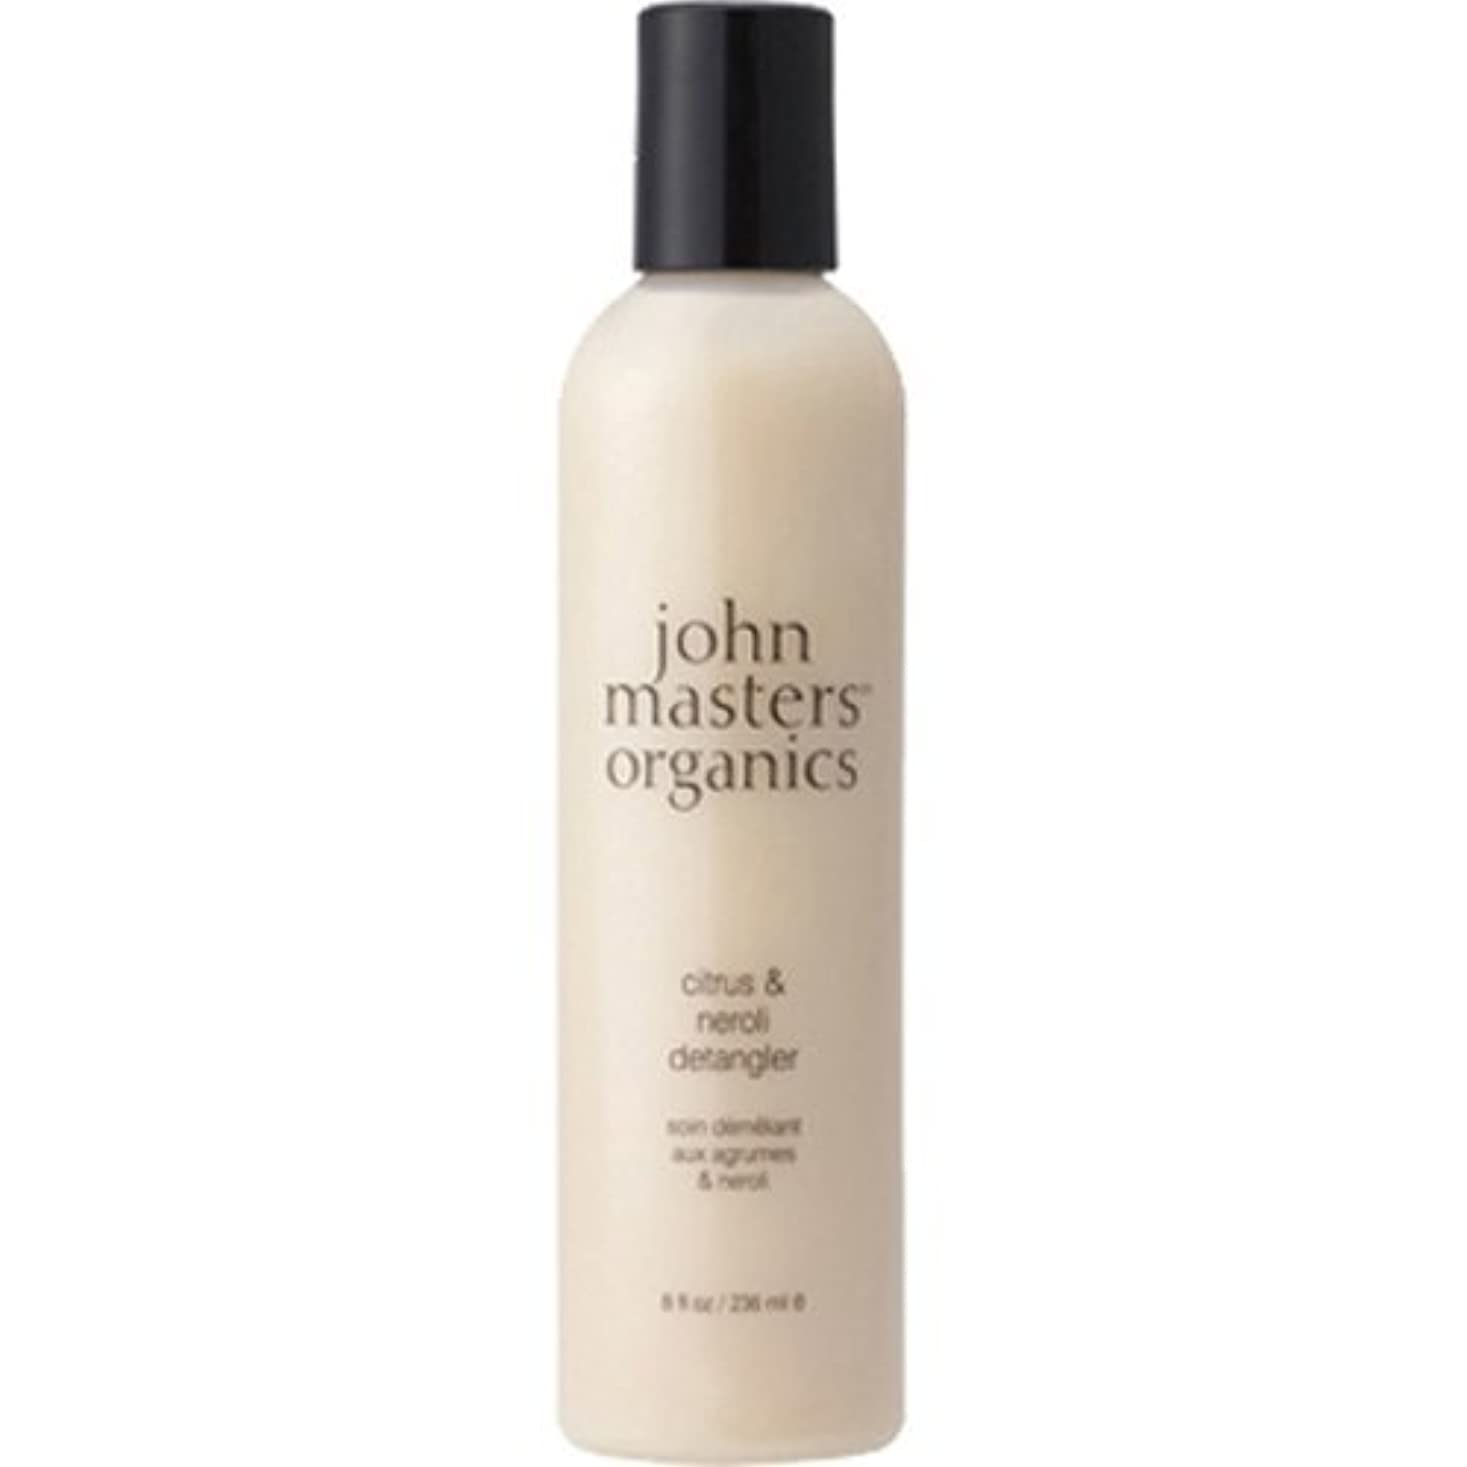 気楽な広範囲アロングJohn Masters Organics(ジョンマスターオーガニック) C&Nデタングラー(シトラス&ネロリ) 236ml(並行輸入品)